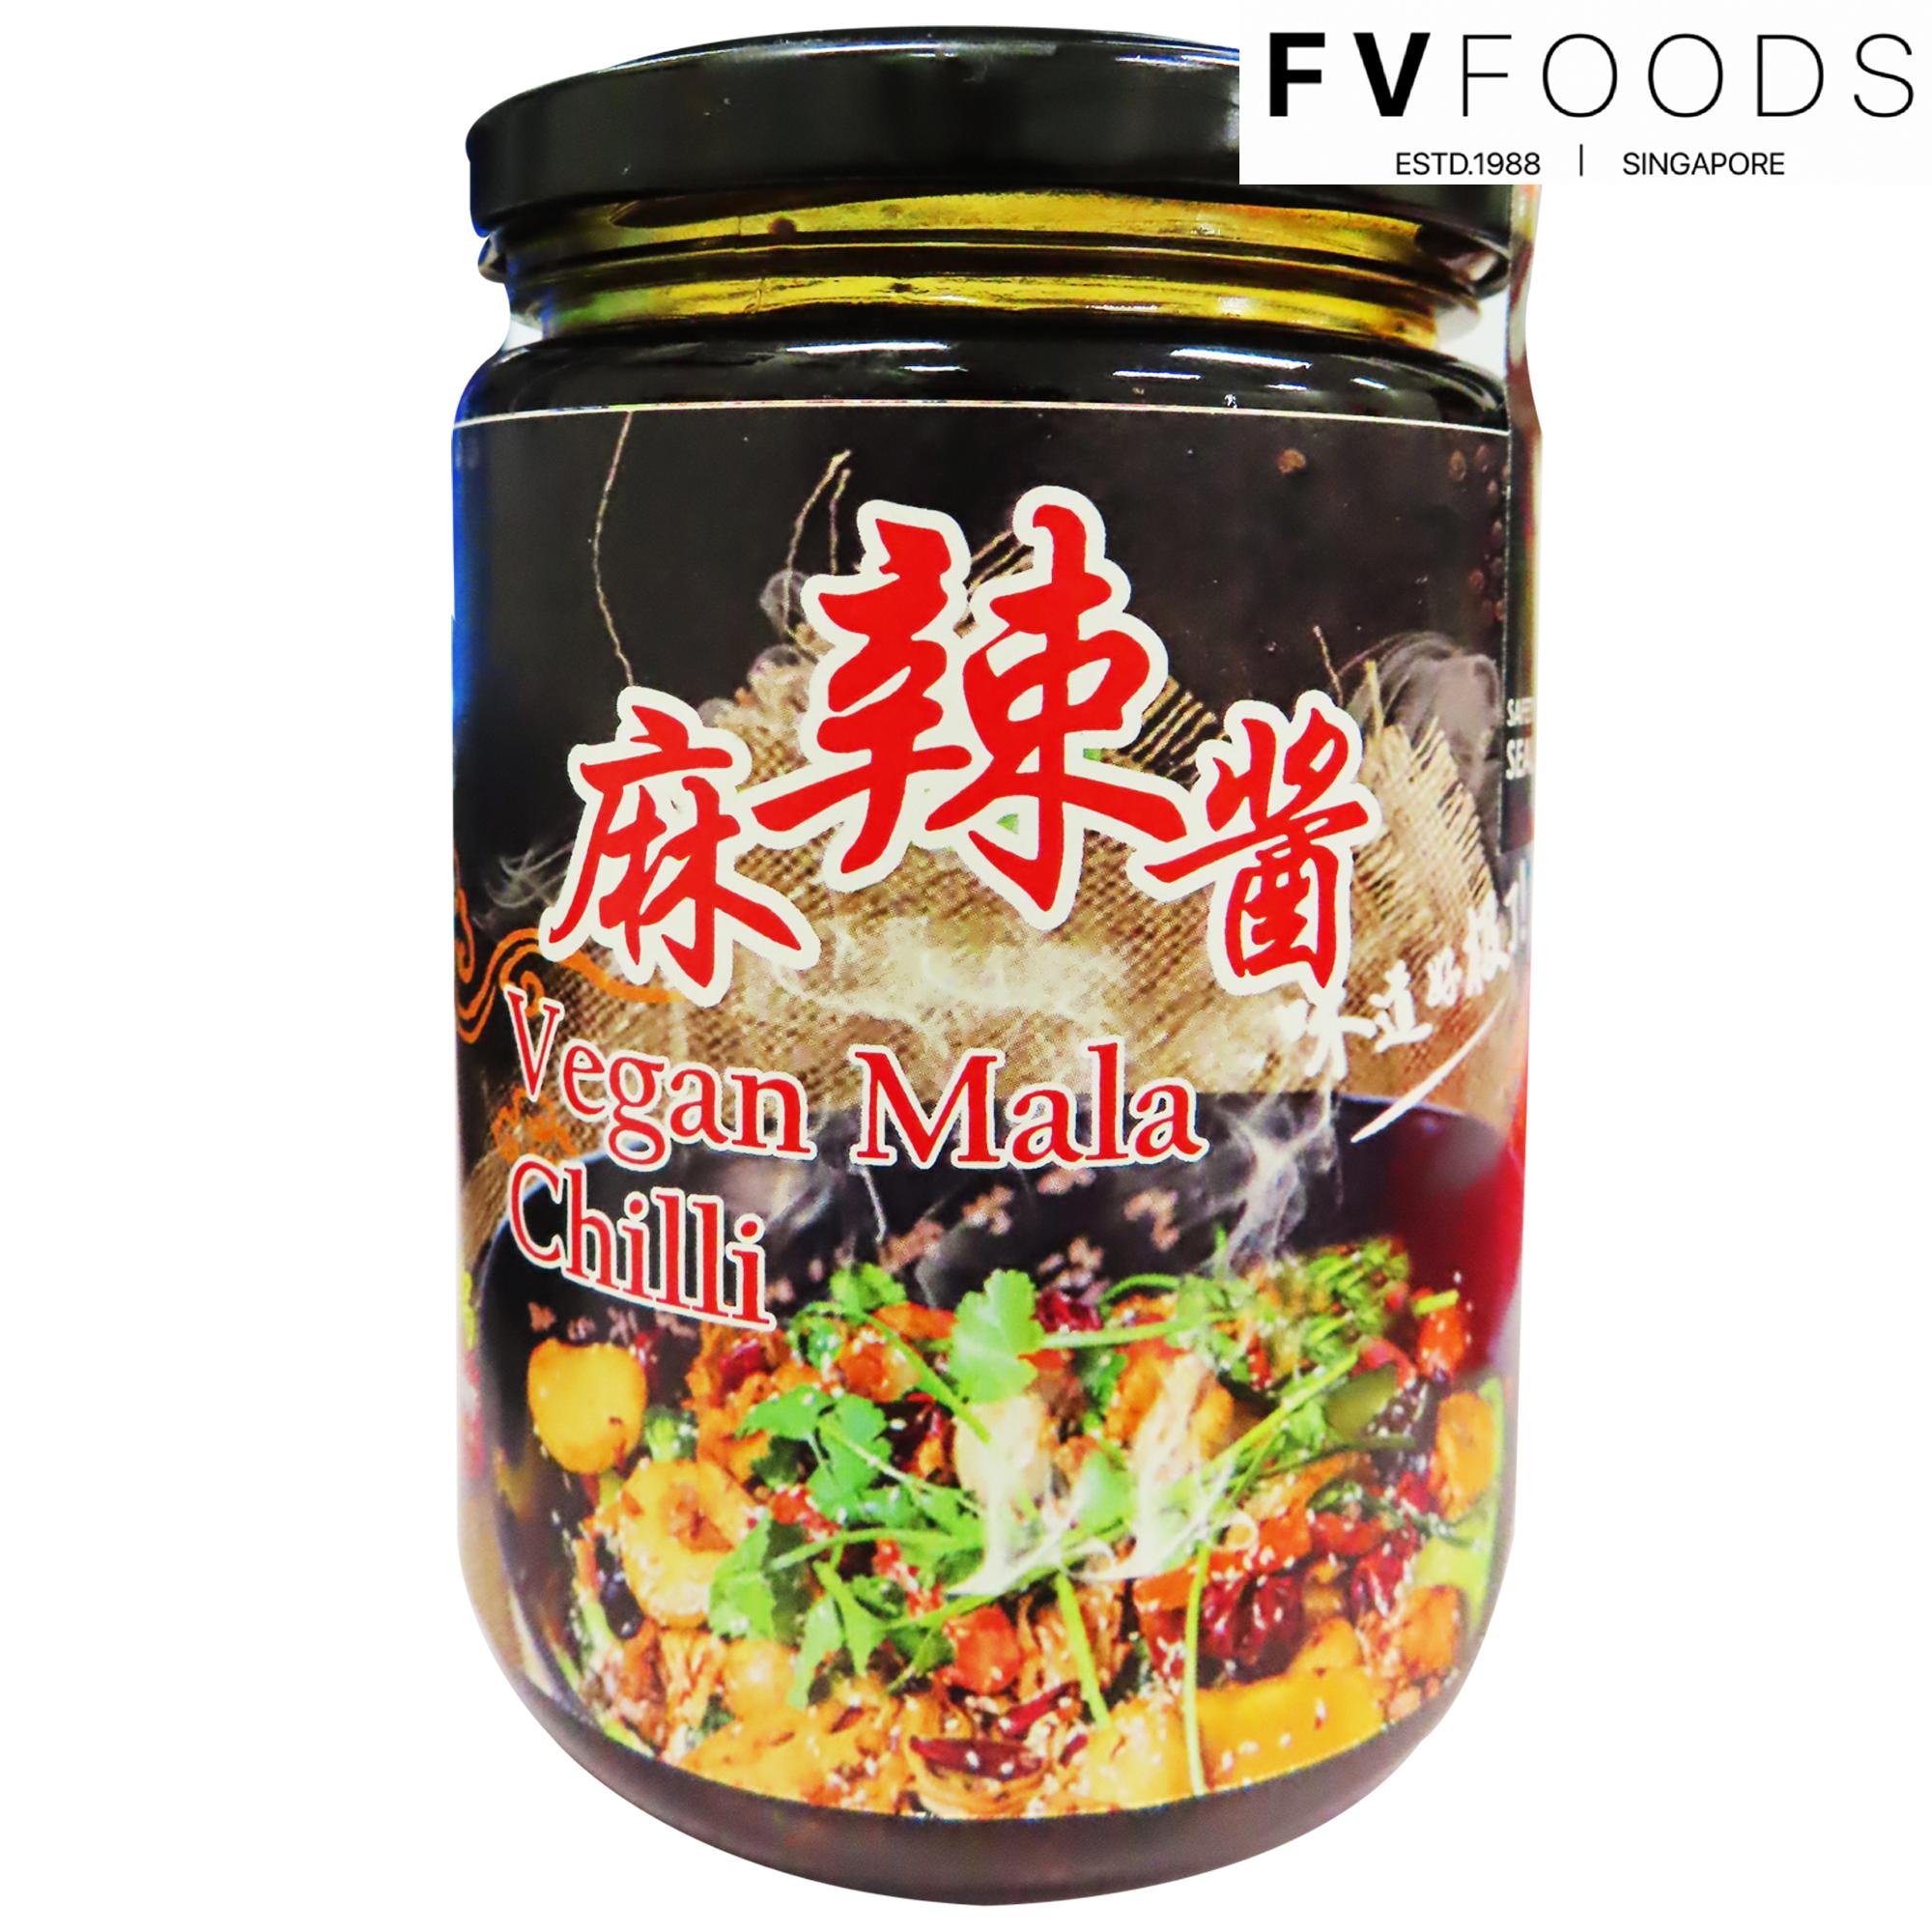 Image Simple Food Vegan Mala Chili 麻辣酱 500grams